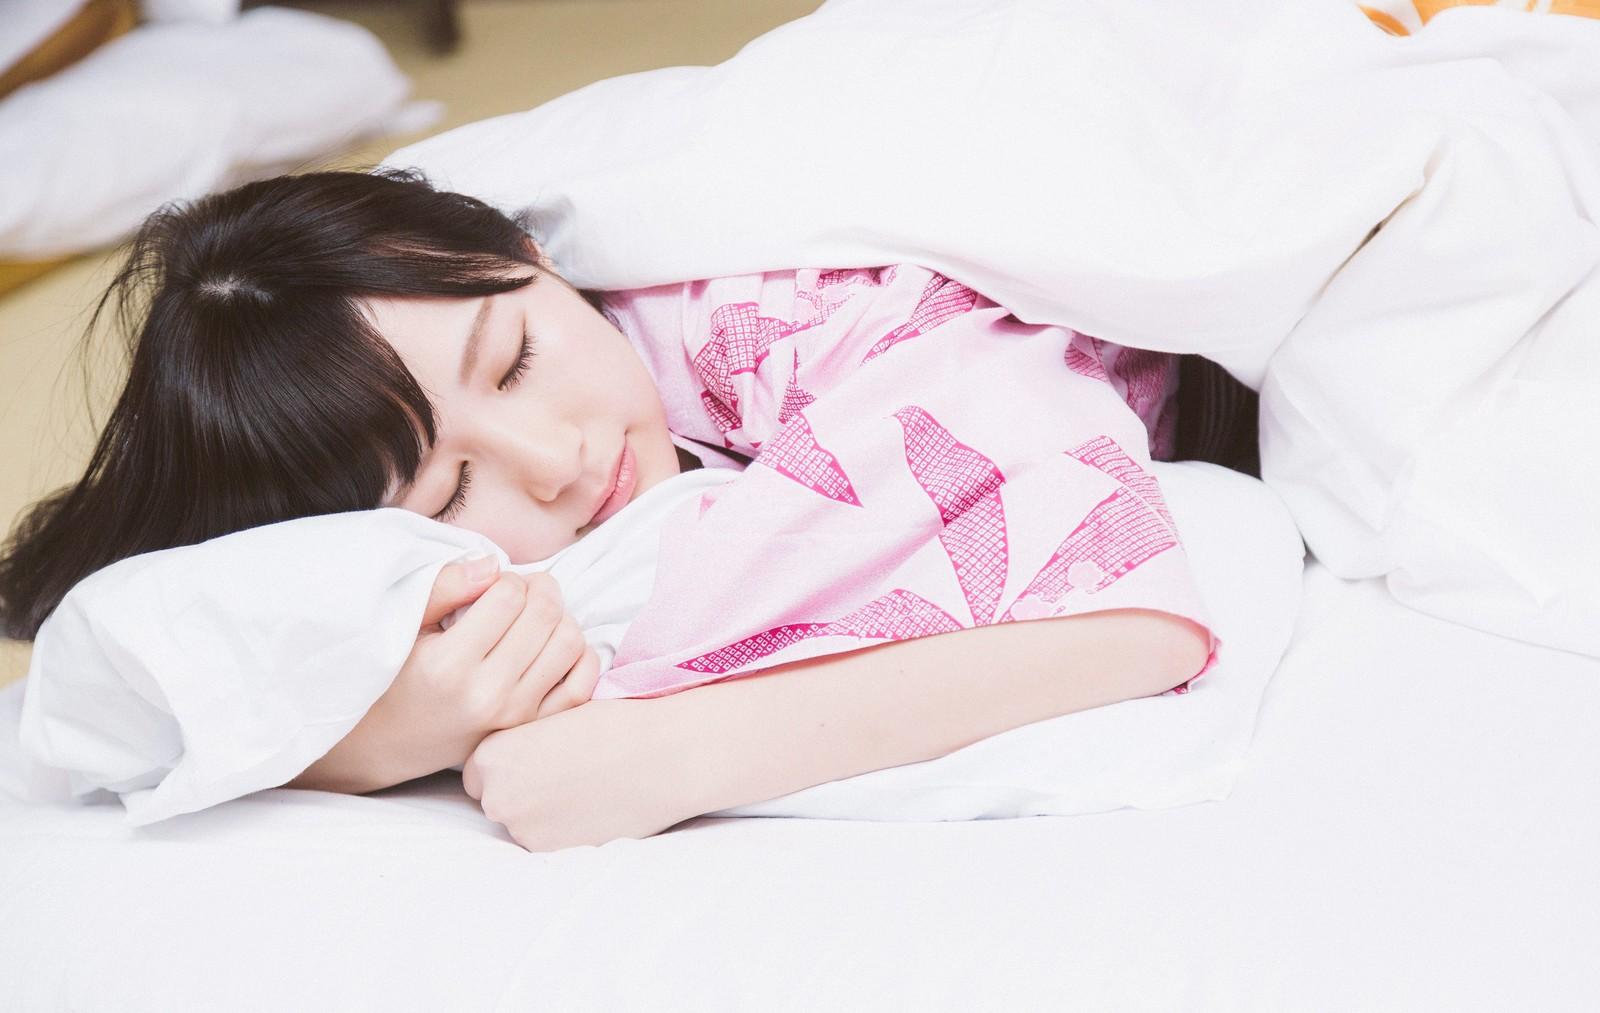 受験で緊張しない方法「前日は早く寝る」